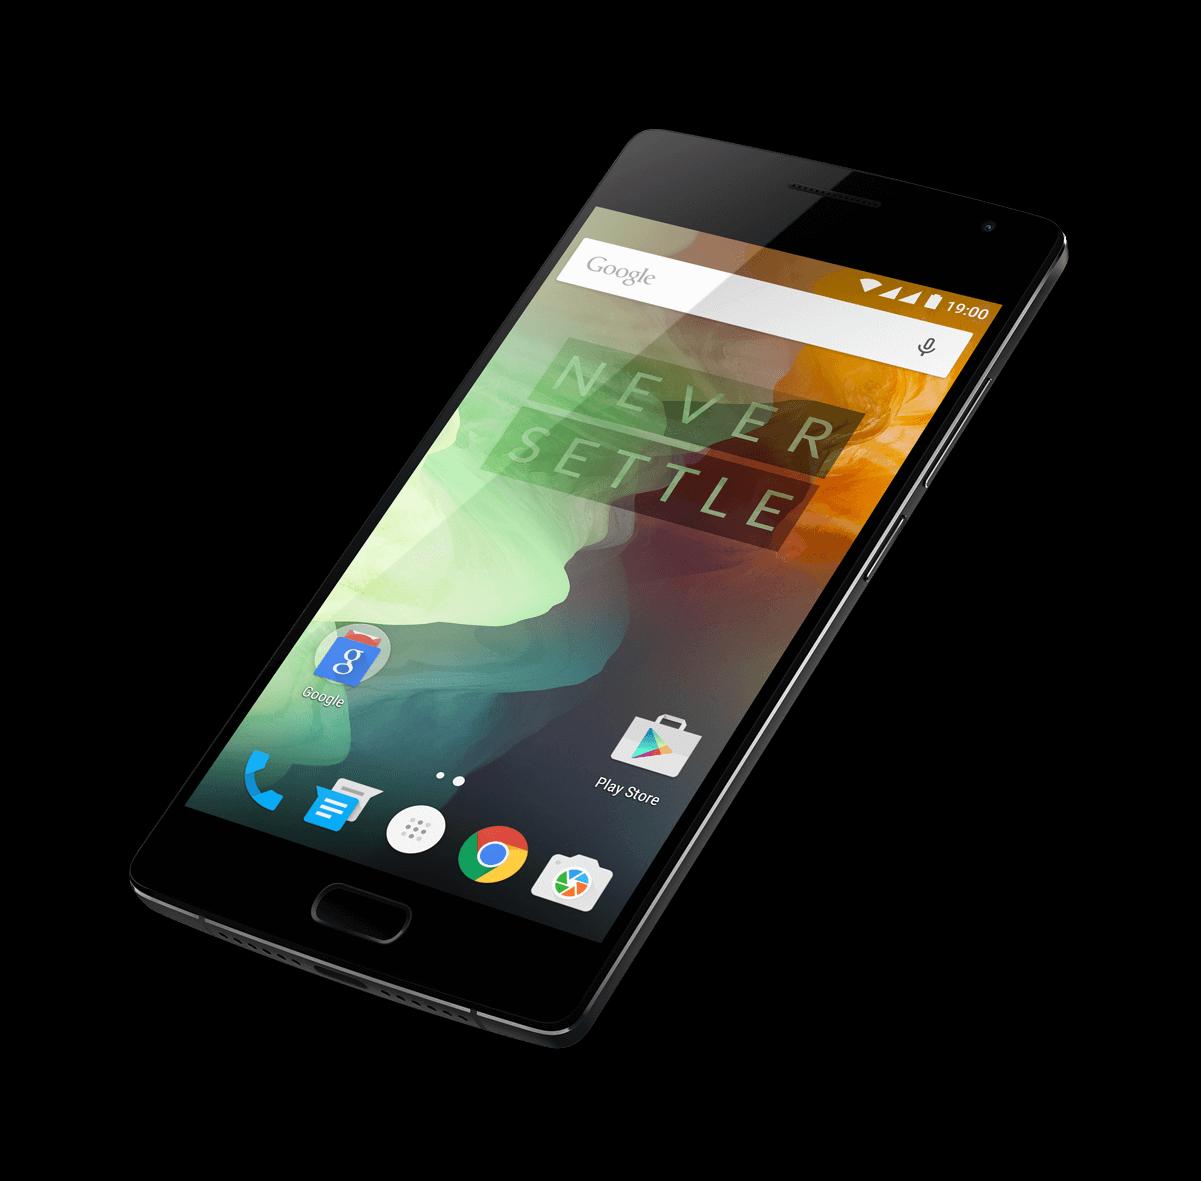 """Kohuttu OnePlus 2 julkistettiin viimein – """"Aito Android ... Oneplus"""